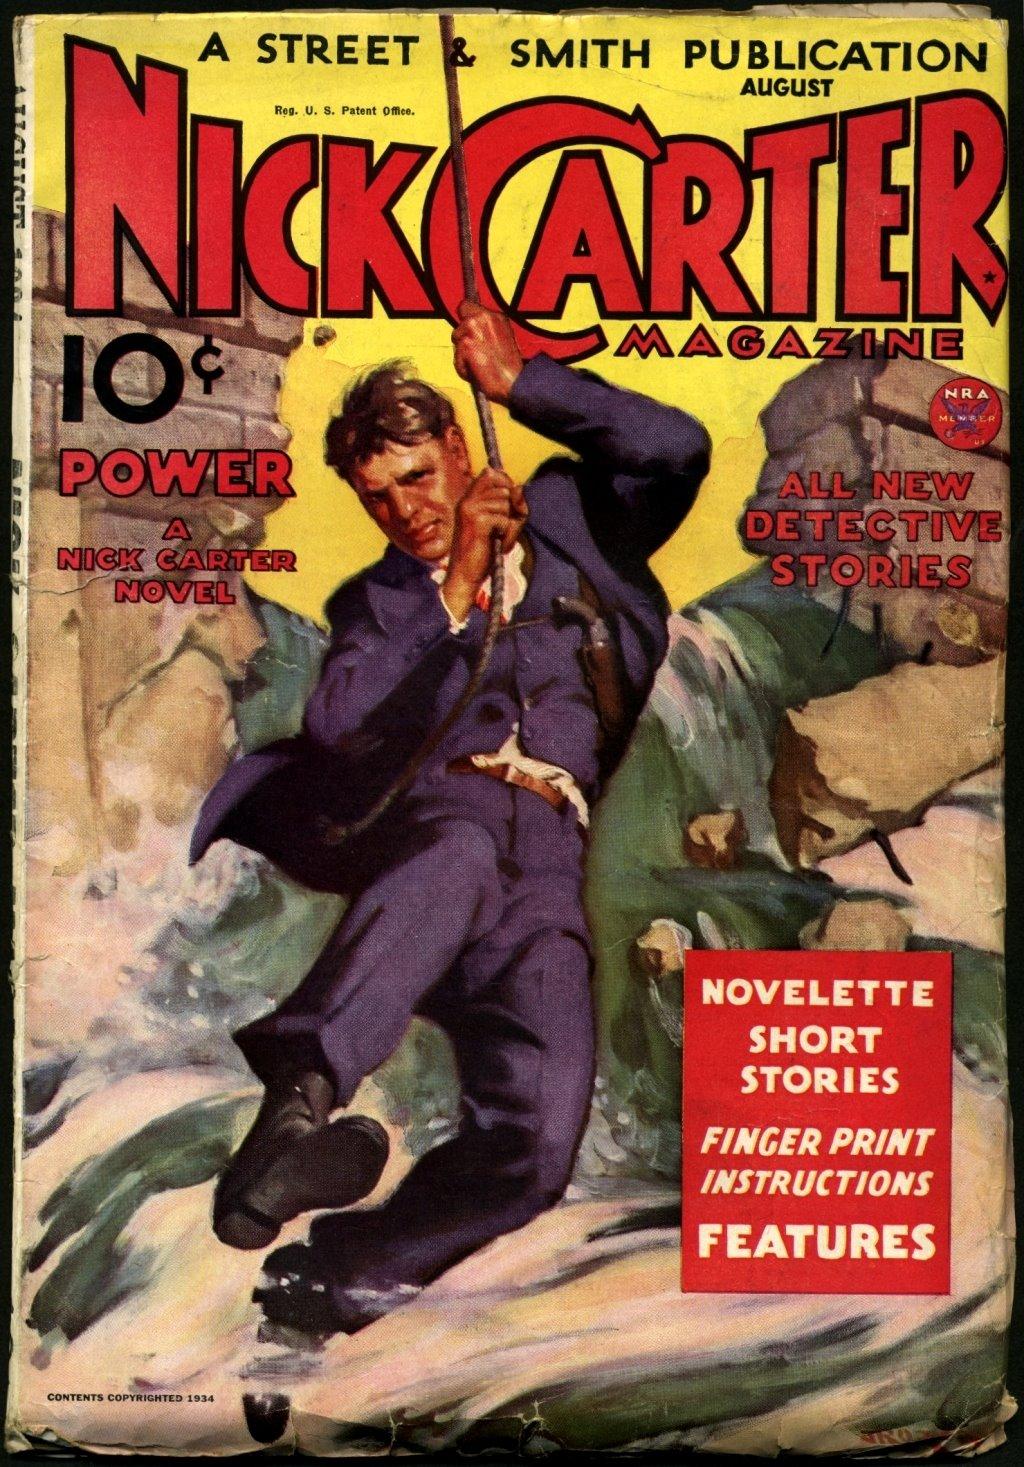 19313002-04_nickcarter_08_1934_jrozen